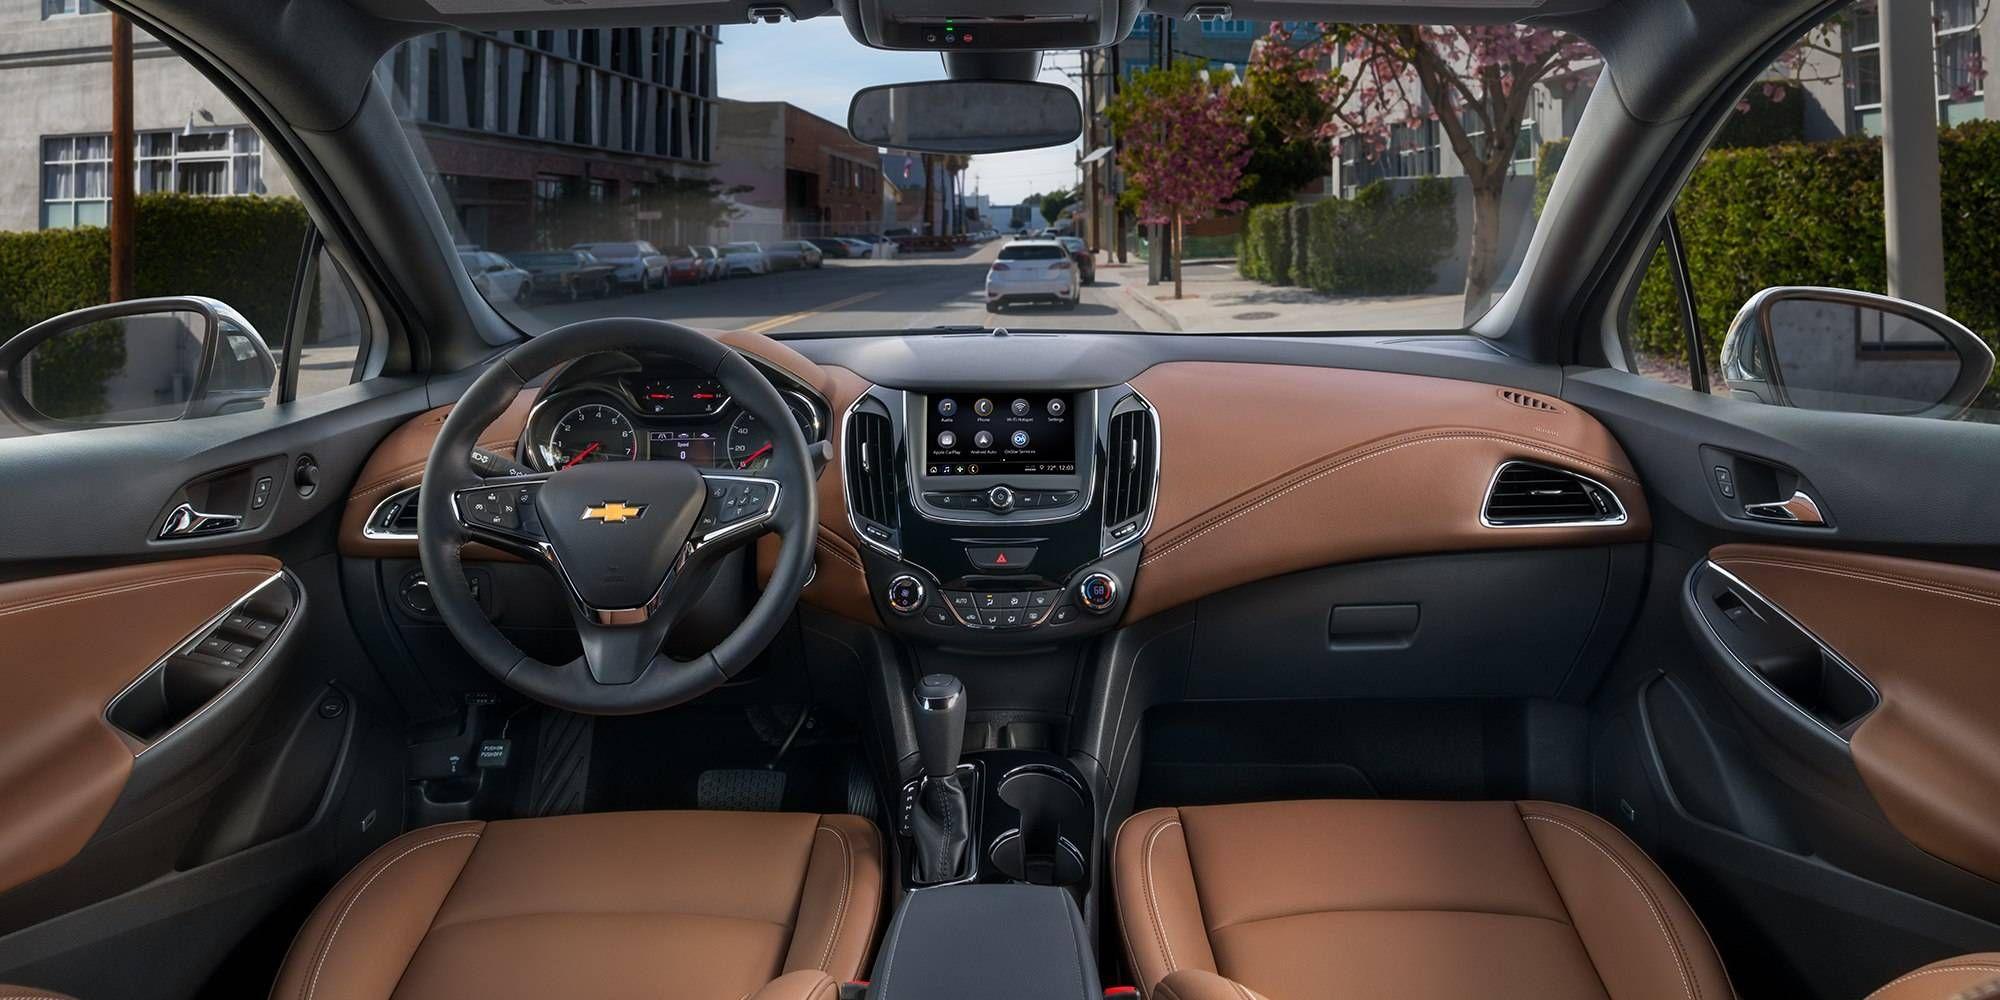 Chevrolet confirma novo Cruze chega no início de 2019